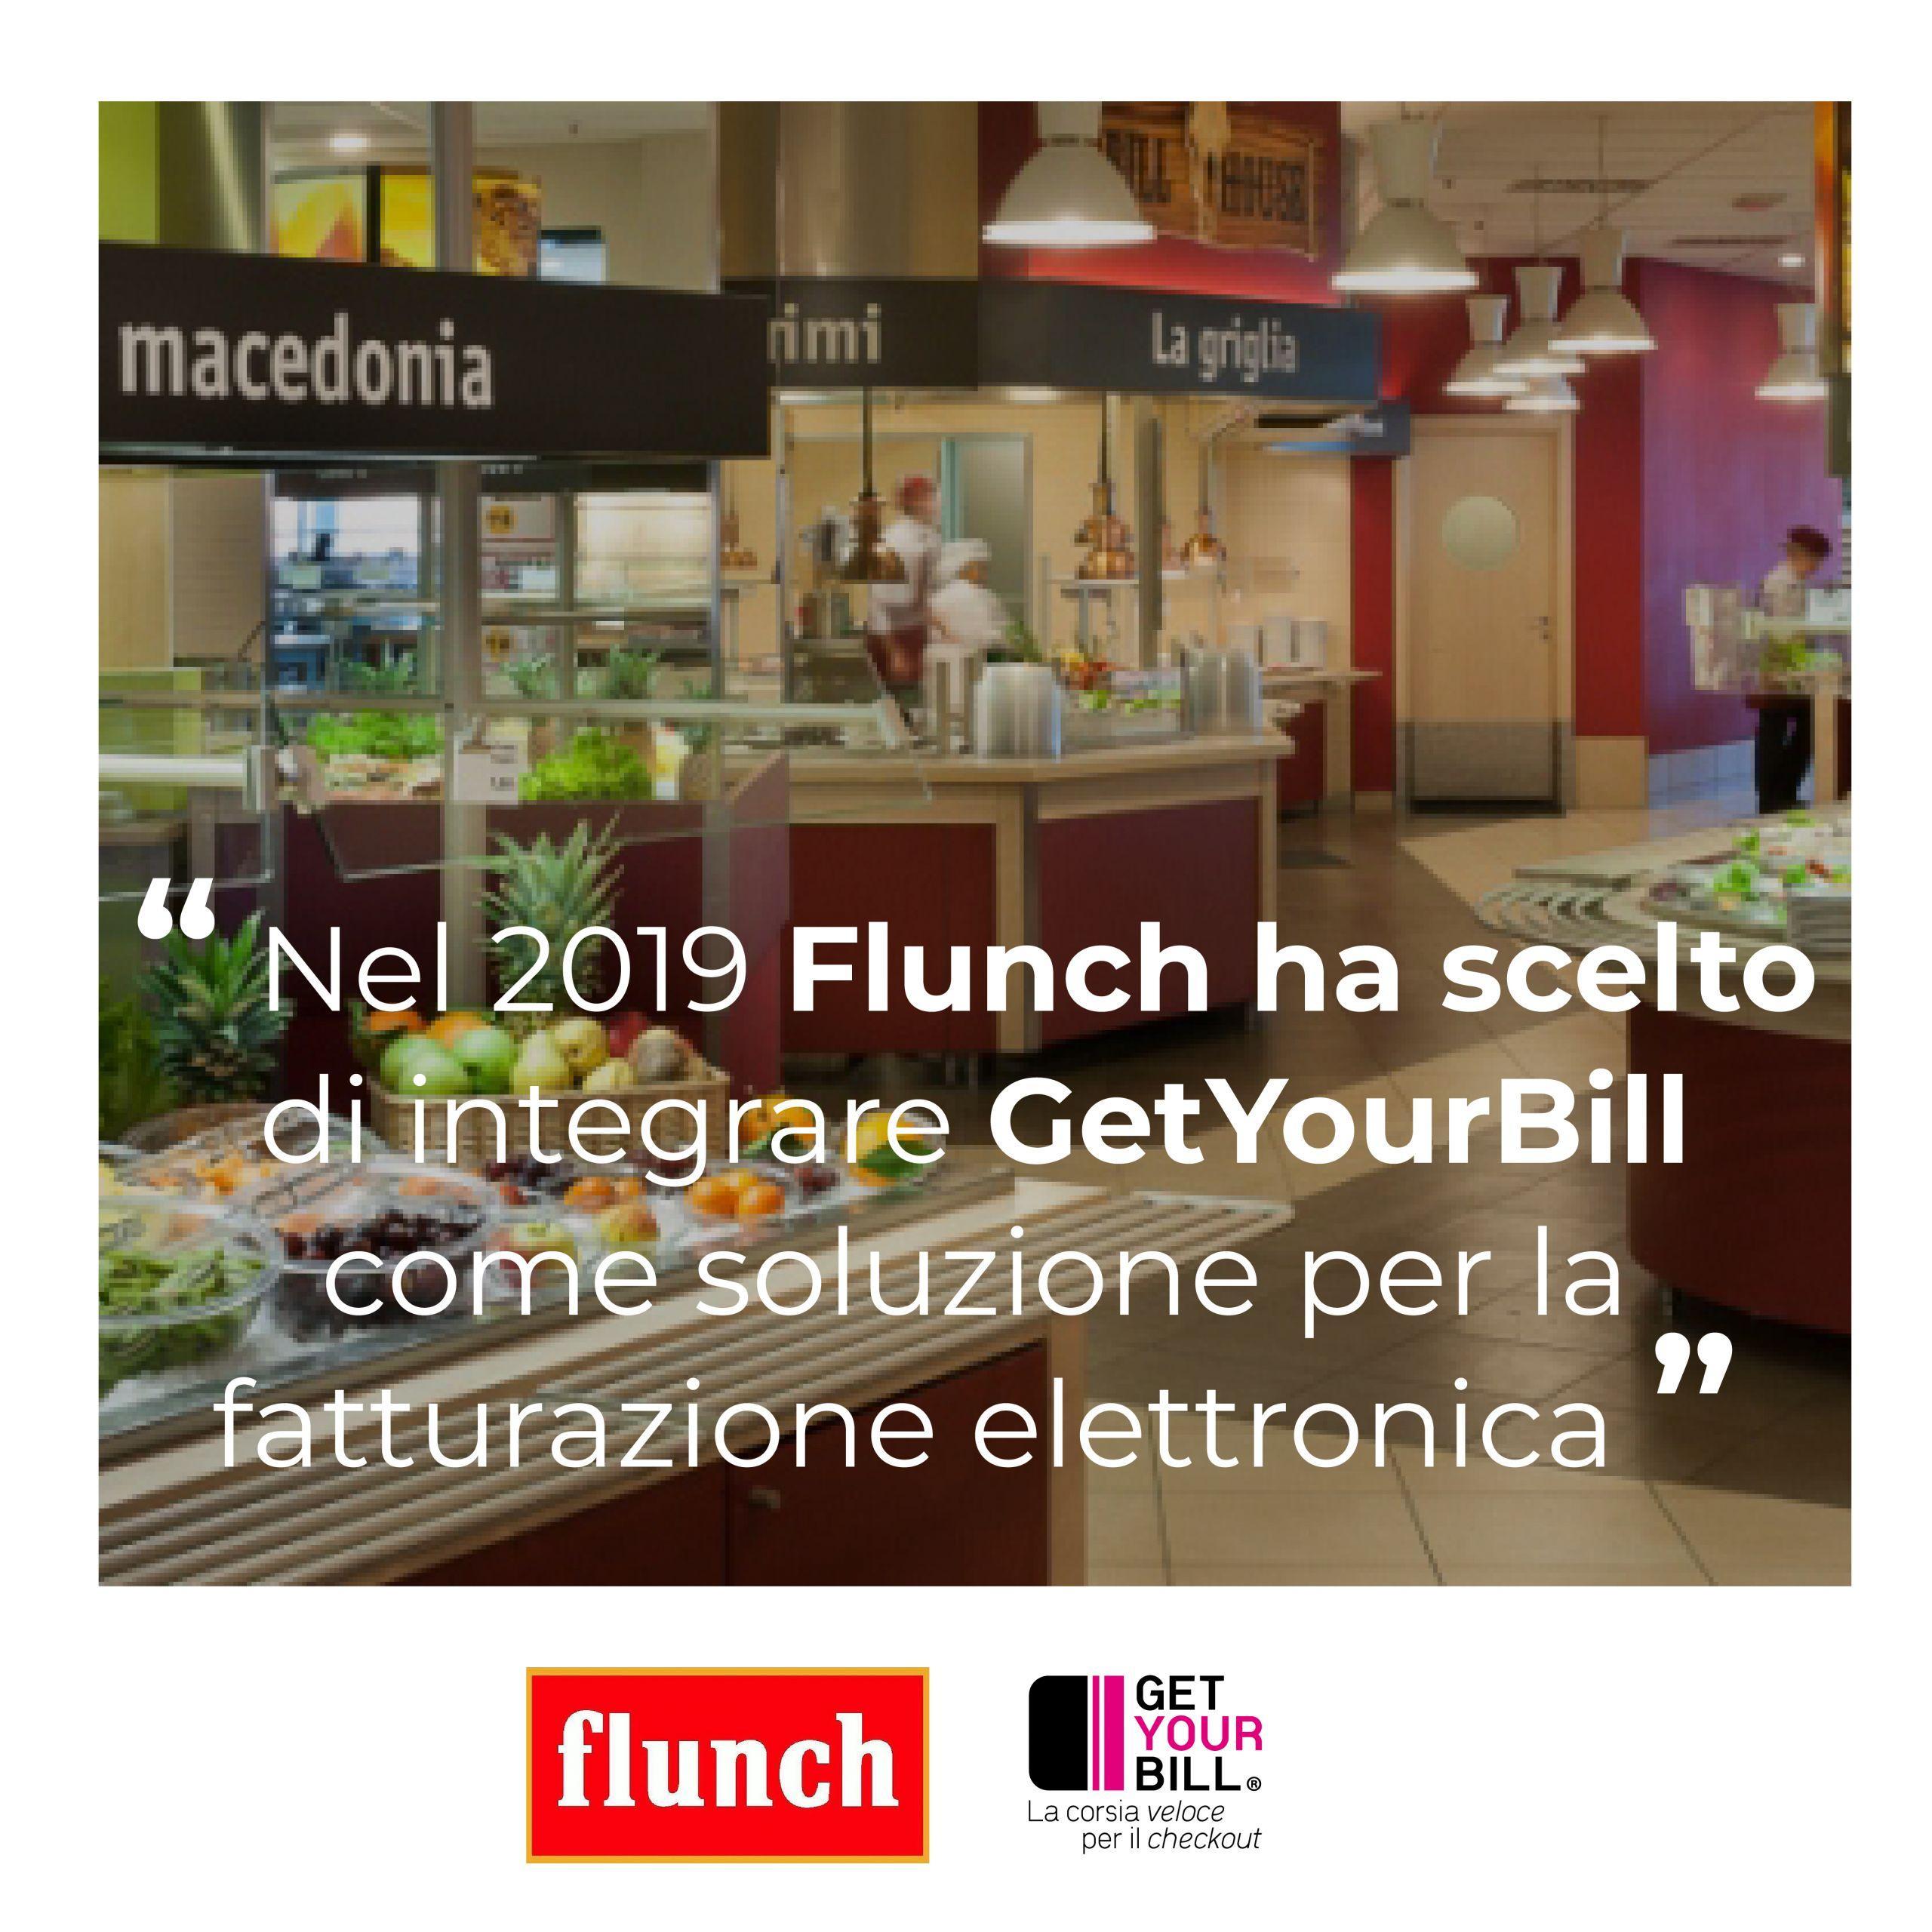 Post di Instagram sulla collaborazione tra Flunch e GetYourBill